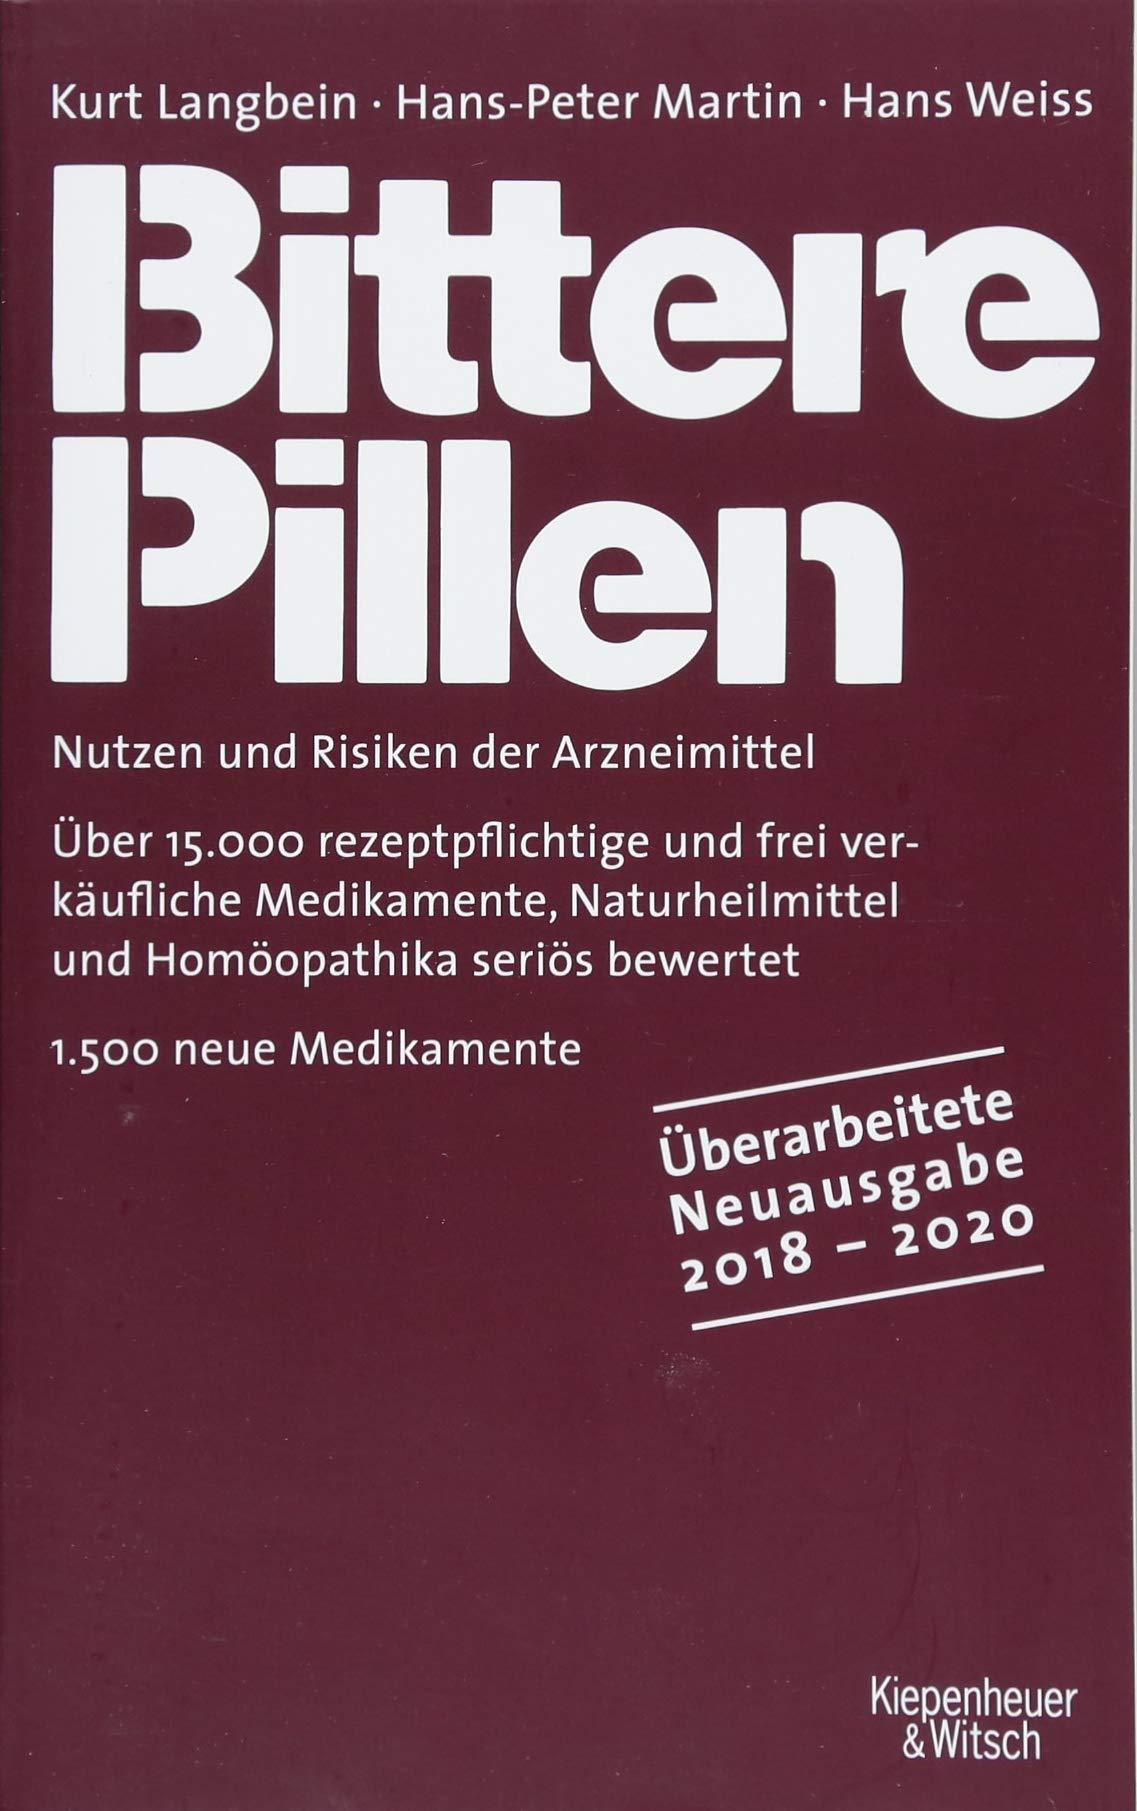 Bittere Pillen 2018-2020: Nutzen und Risiken der Arzneimittel